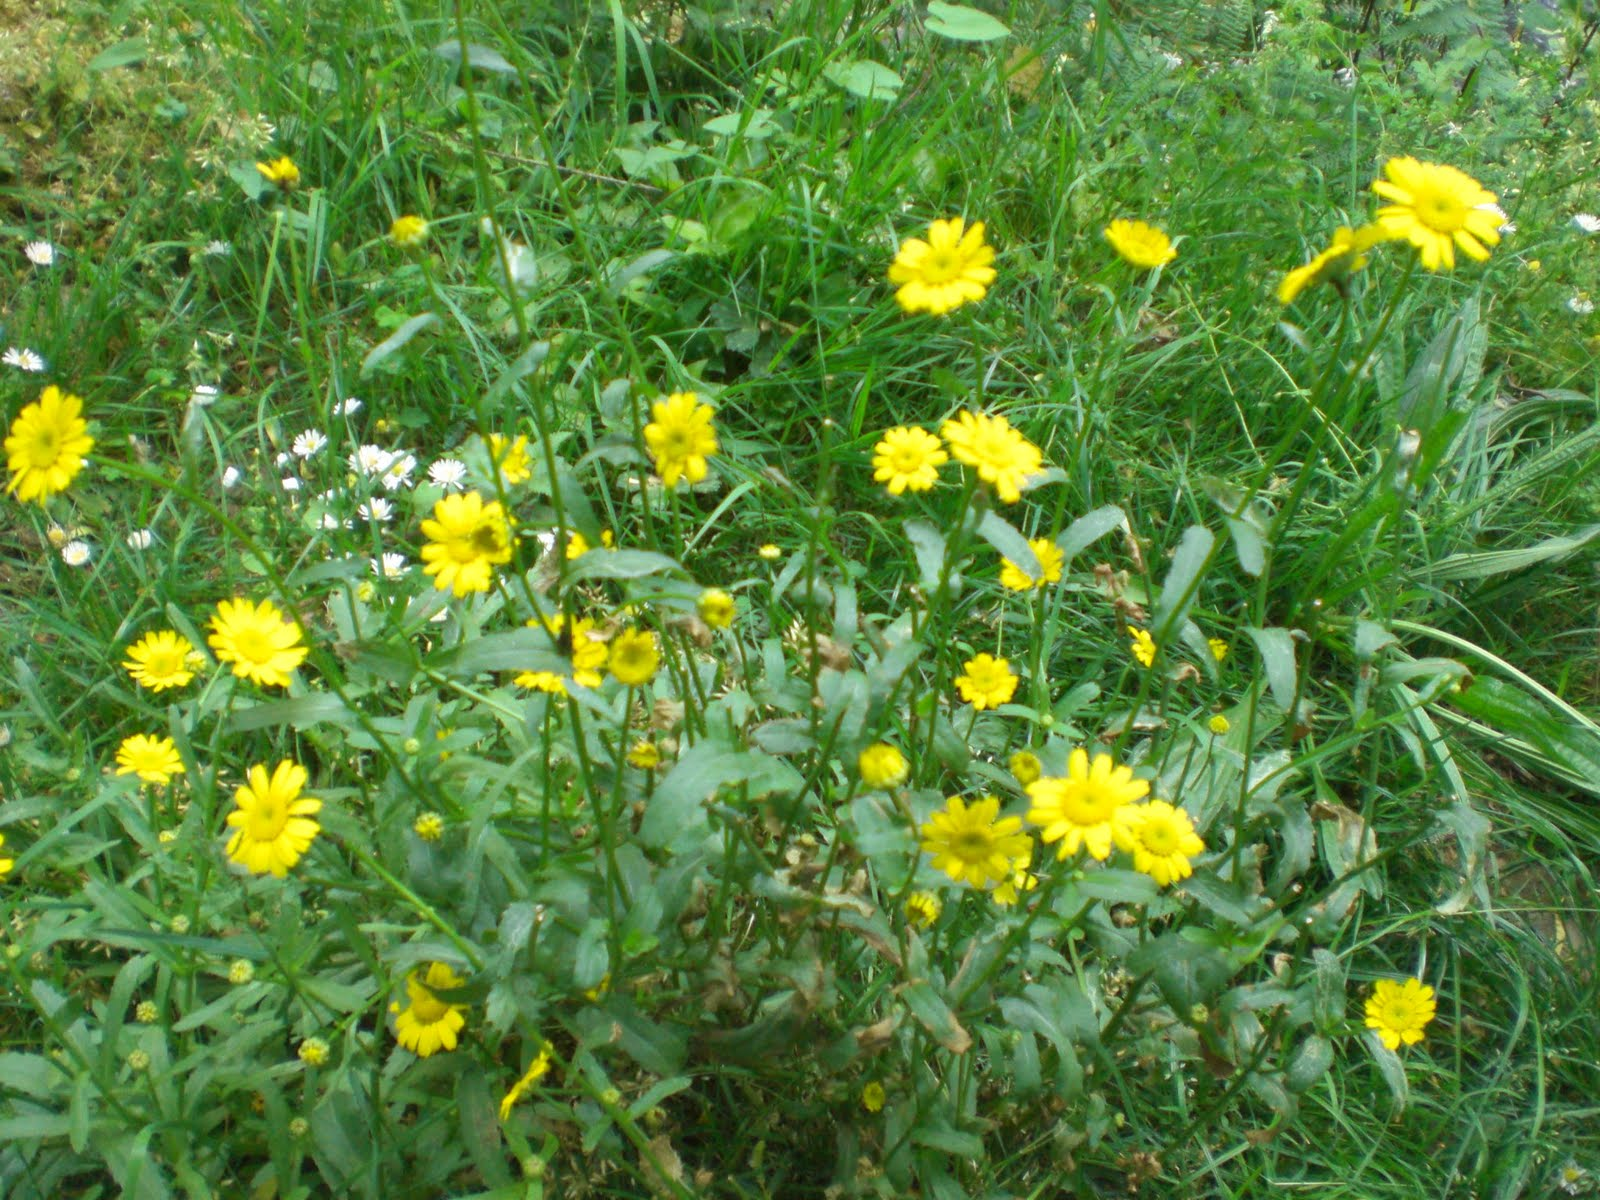 Margaritas De Colores En La Hierba 30995: Castrelos.: Flora De Castrelos